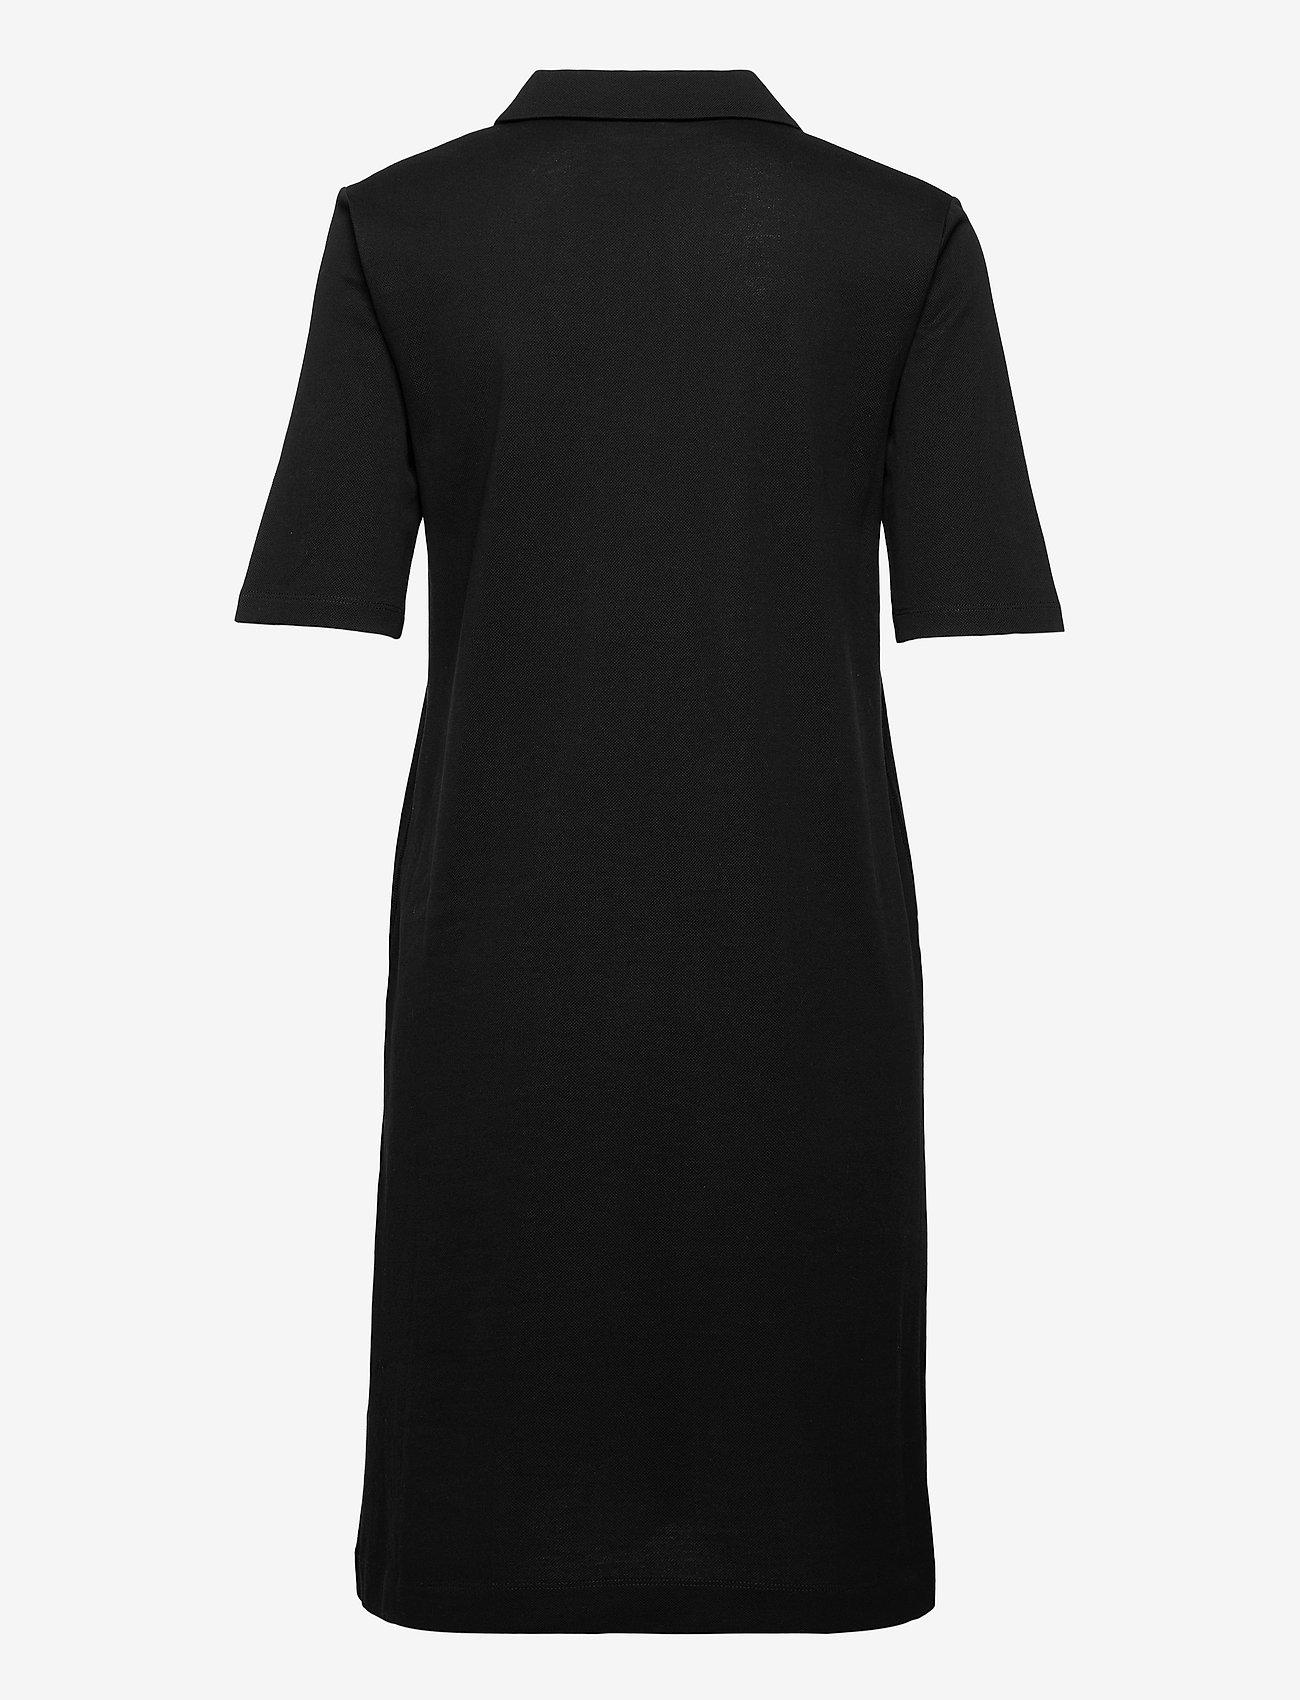 Max Mara Leisure - ENFASI - midi dresses - black - 1